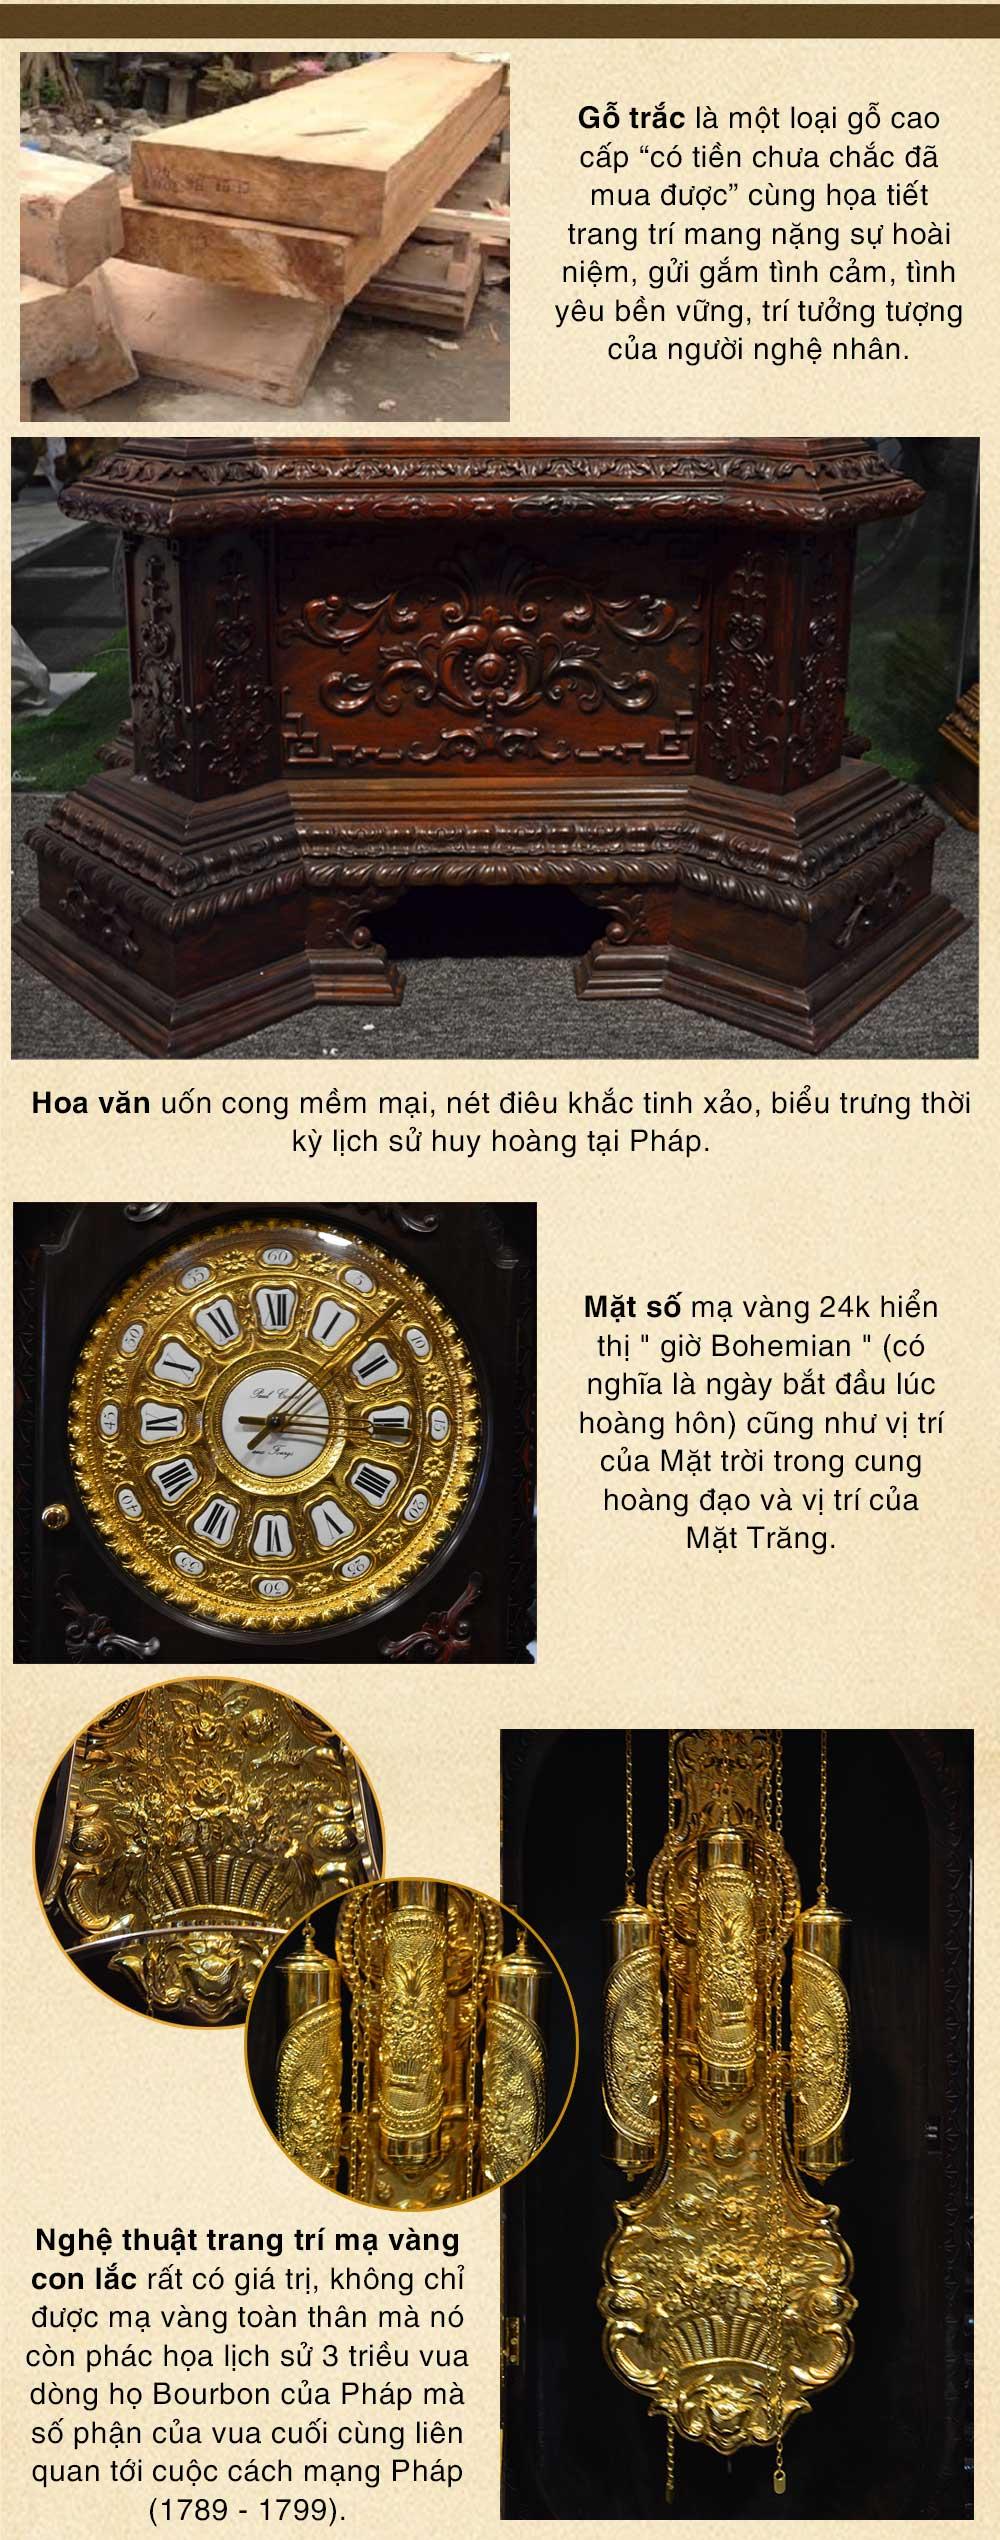 Đồng hồ cây gỗ trắc DH20 kiểu cổ Pháp mạ vàng 24k nhập khẩu